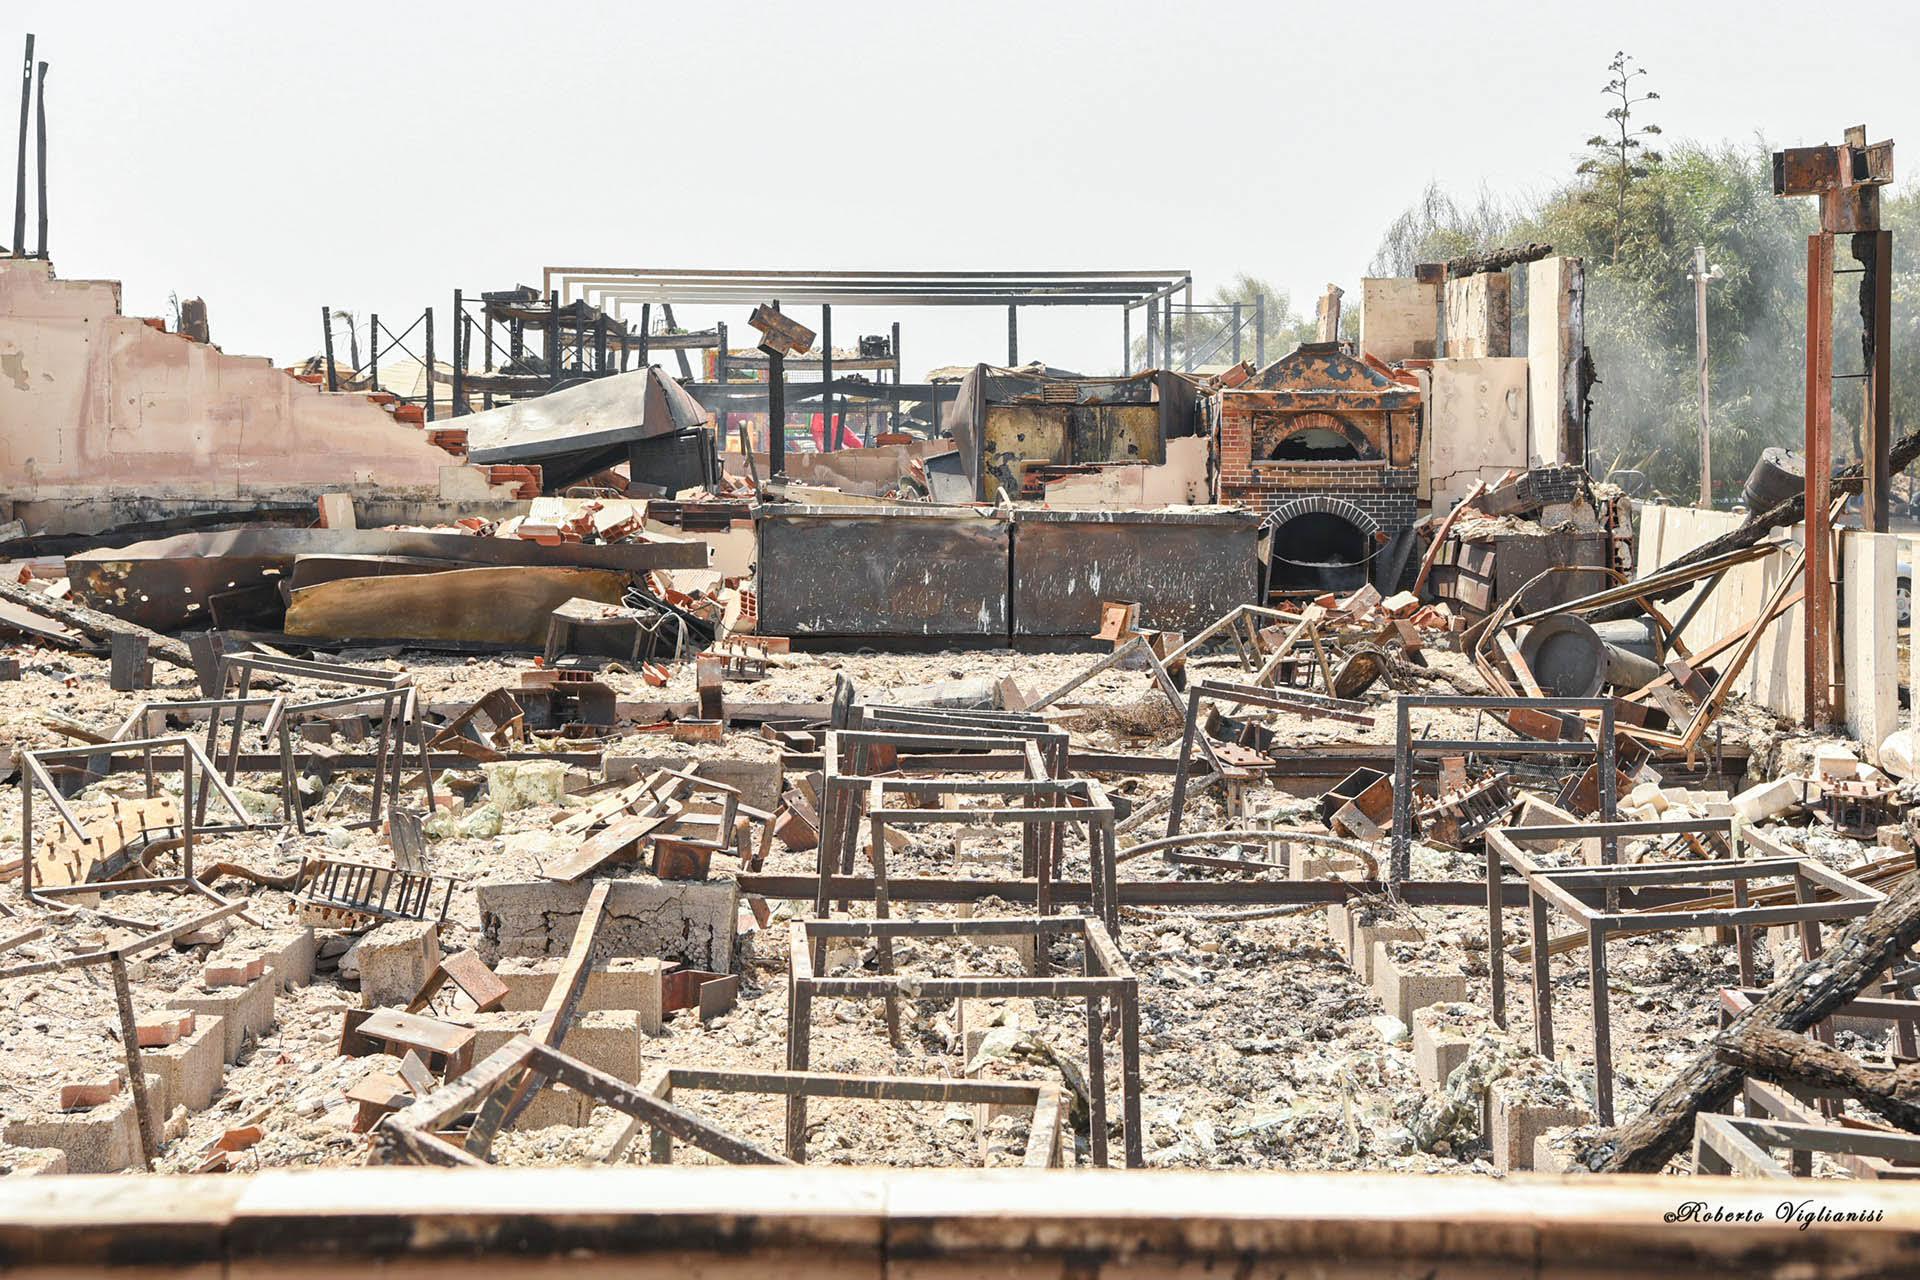 Catania devastata dalle fiamme, si fa la conta dei danni: oltre 60 case distrutte, centinaia di persone in fuga